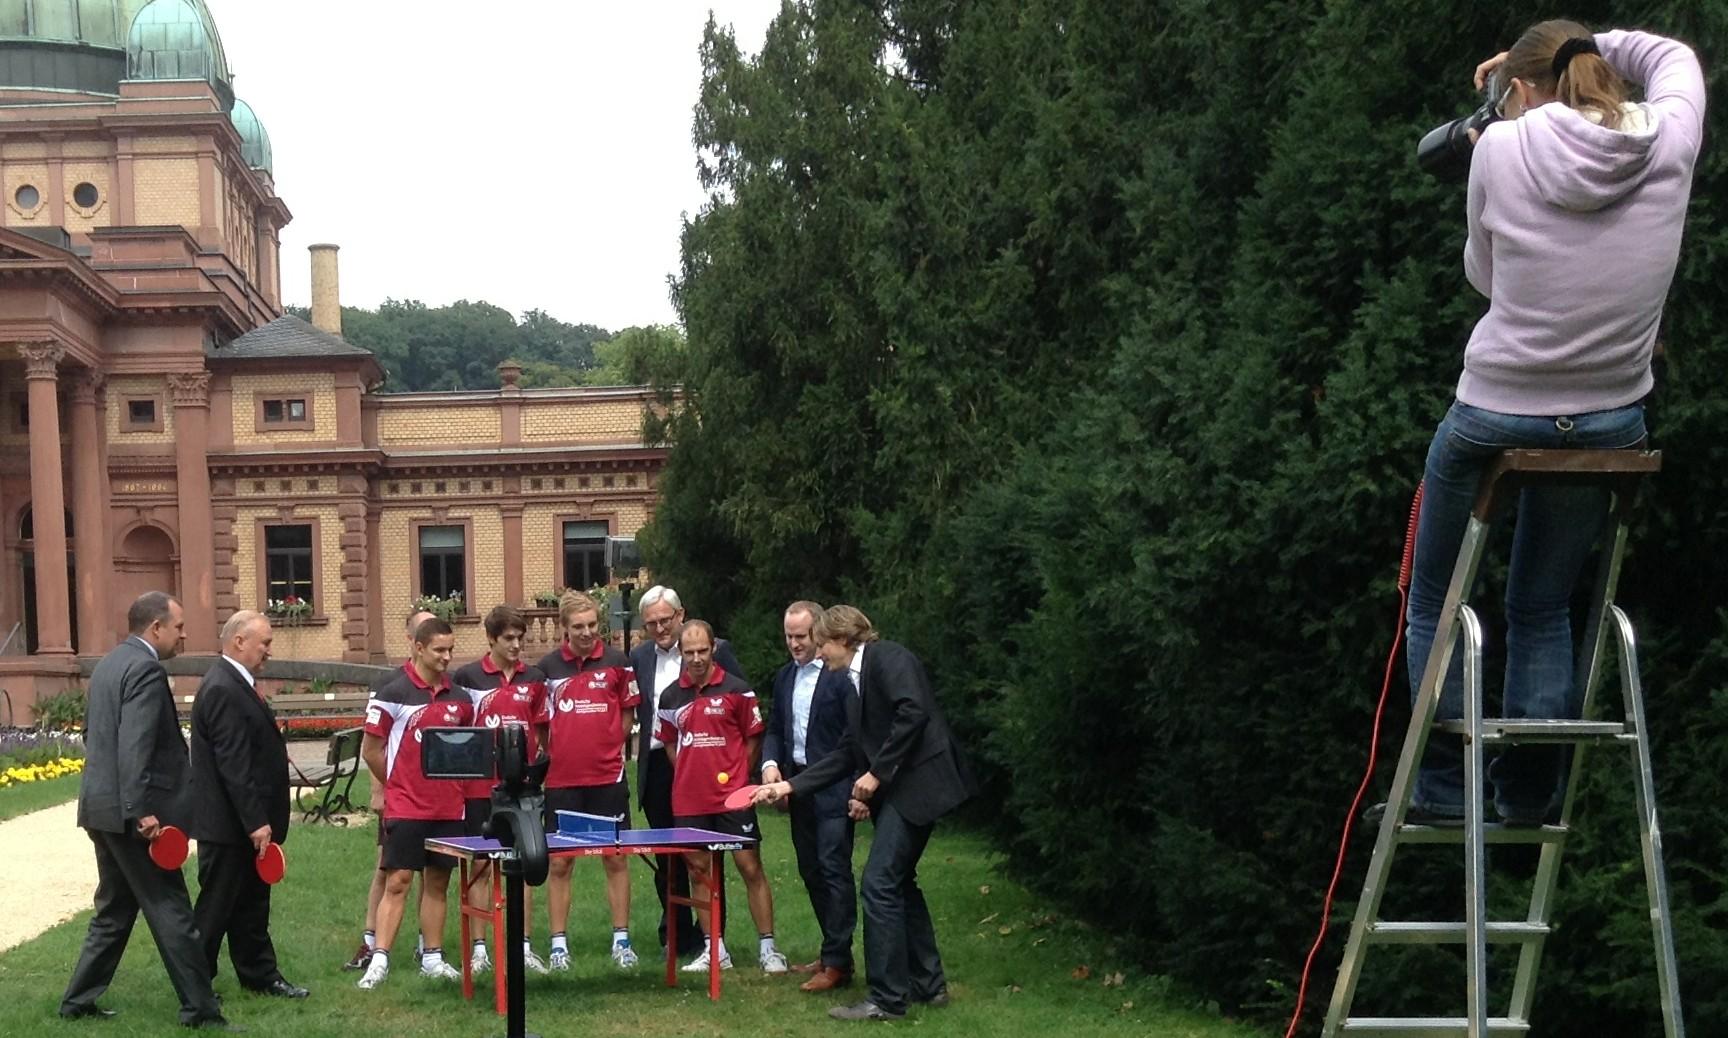 AleX auf der Leiter beim Fotografieren des offiziellen Gruppenbildes für den TTC Ober-Erlenbach